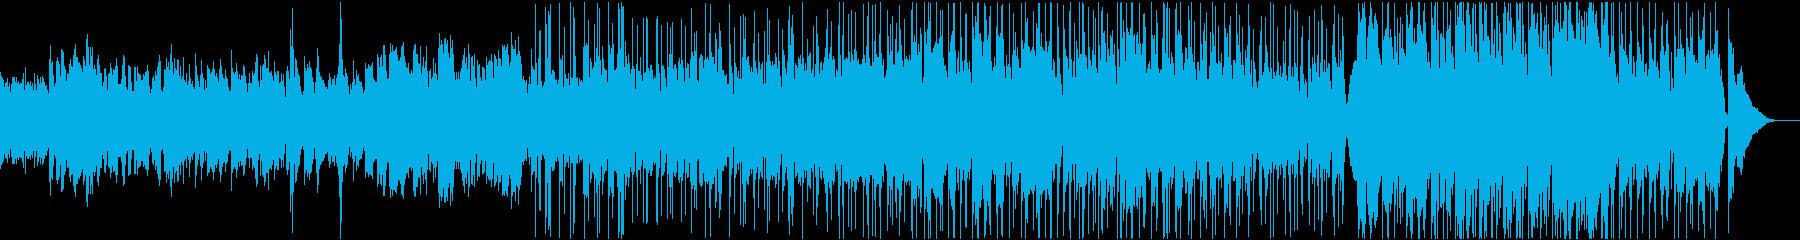 ミドルテンポの切なくノスタルジックな曲の再生済みの波形